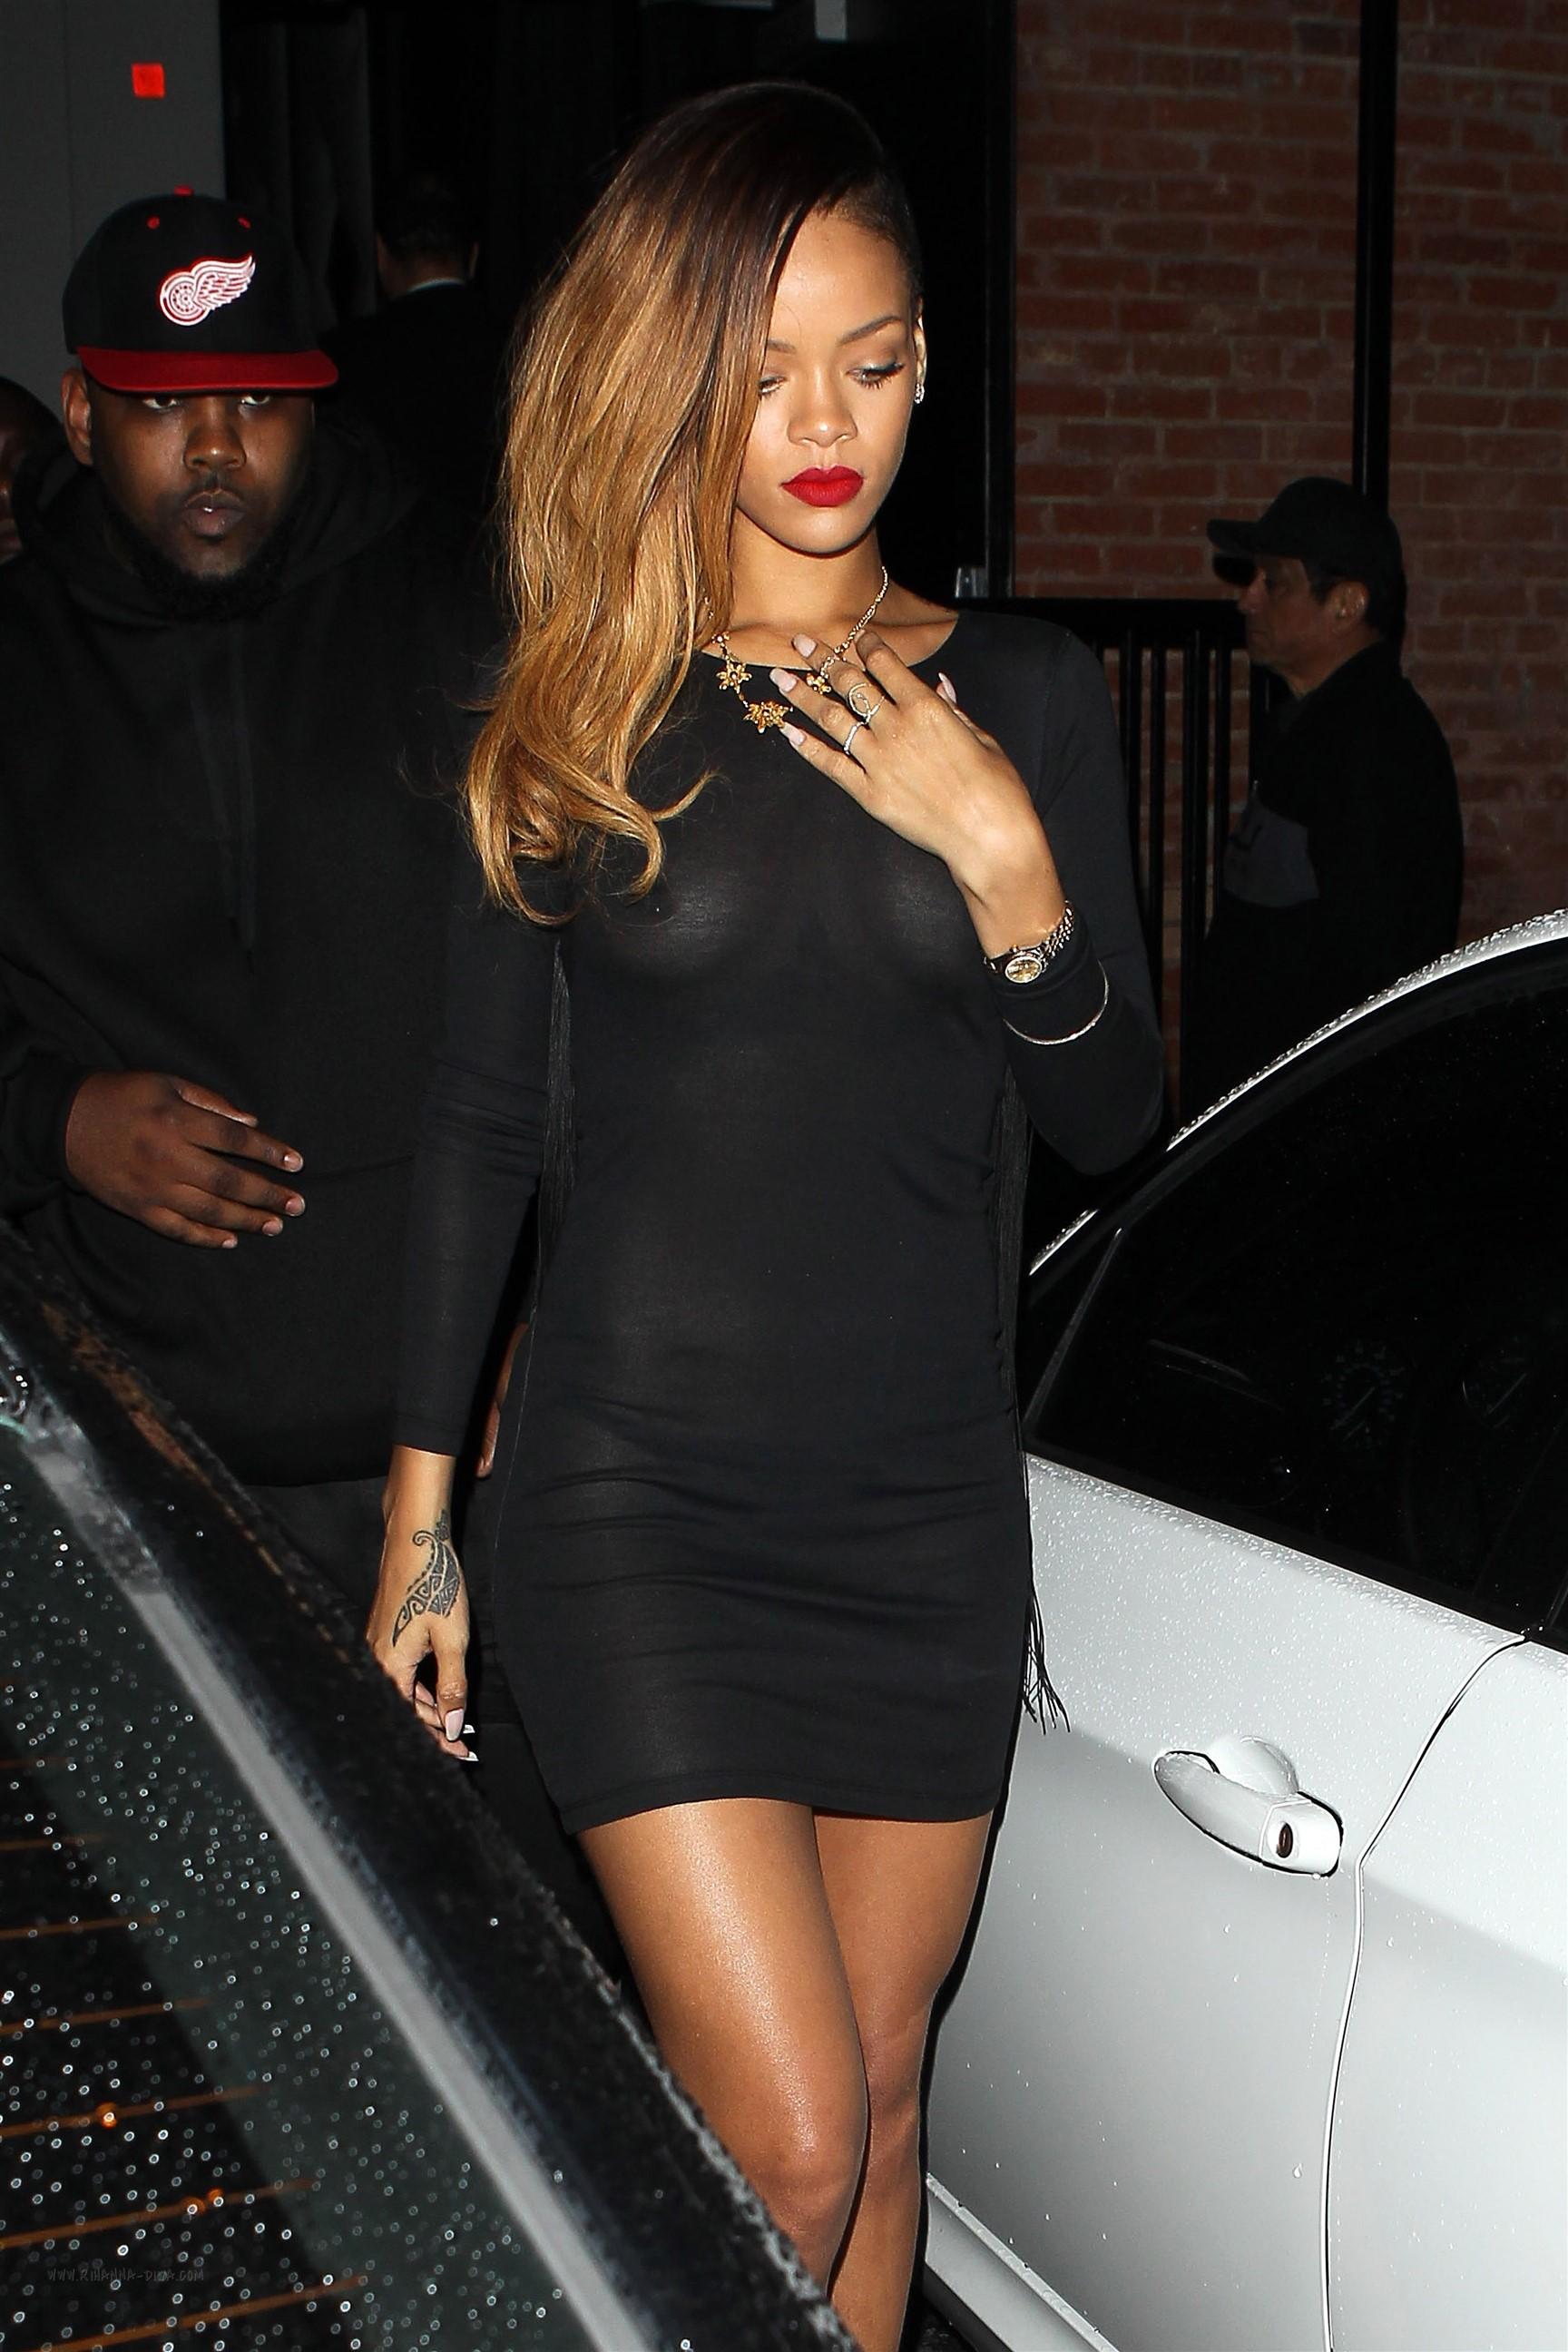 Dünyaca ünlü şarkıcı Rihanna sütyensiz giydiği seksi siyah elbisesi ile frikik üstüne frikik verdi. Foto galeriyi görüntülemek için buraya tıklayın.